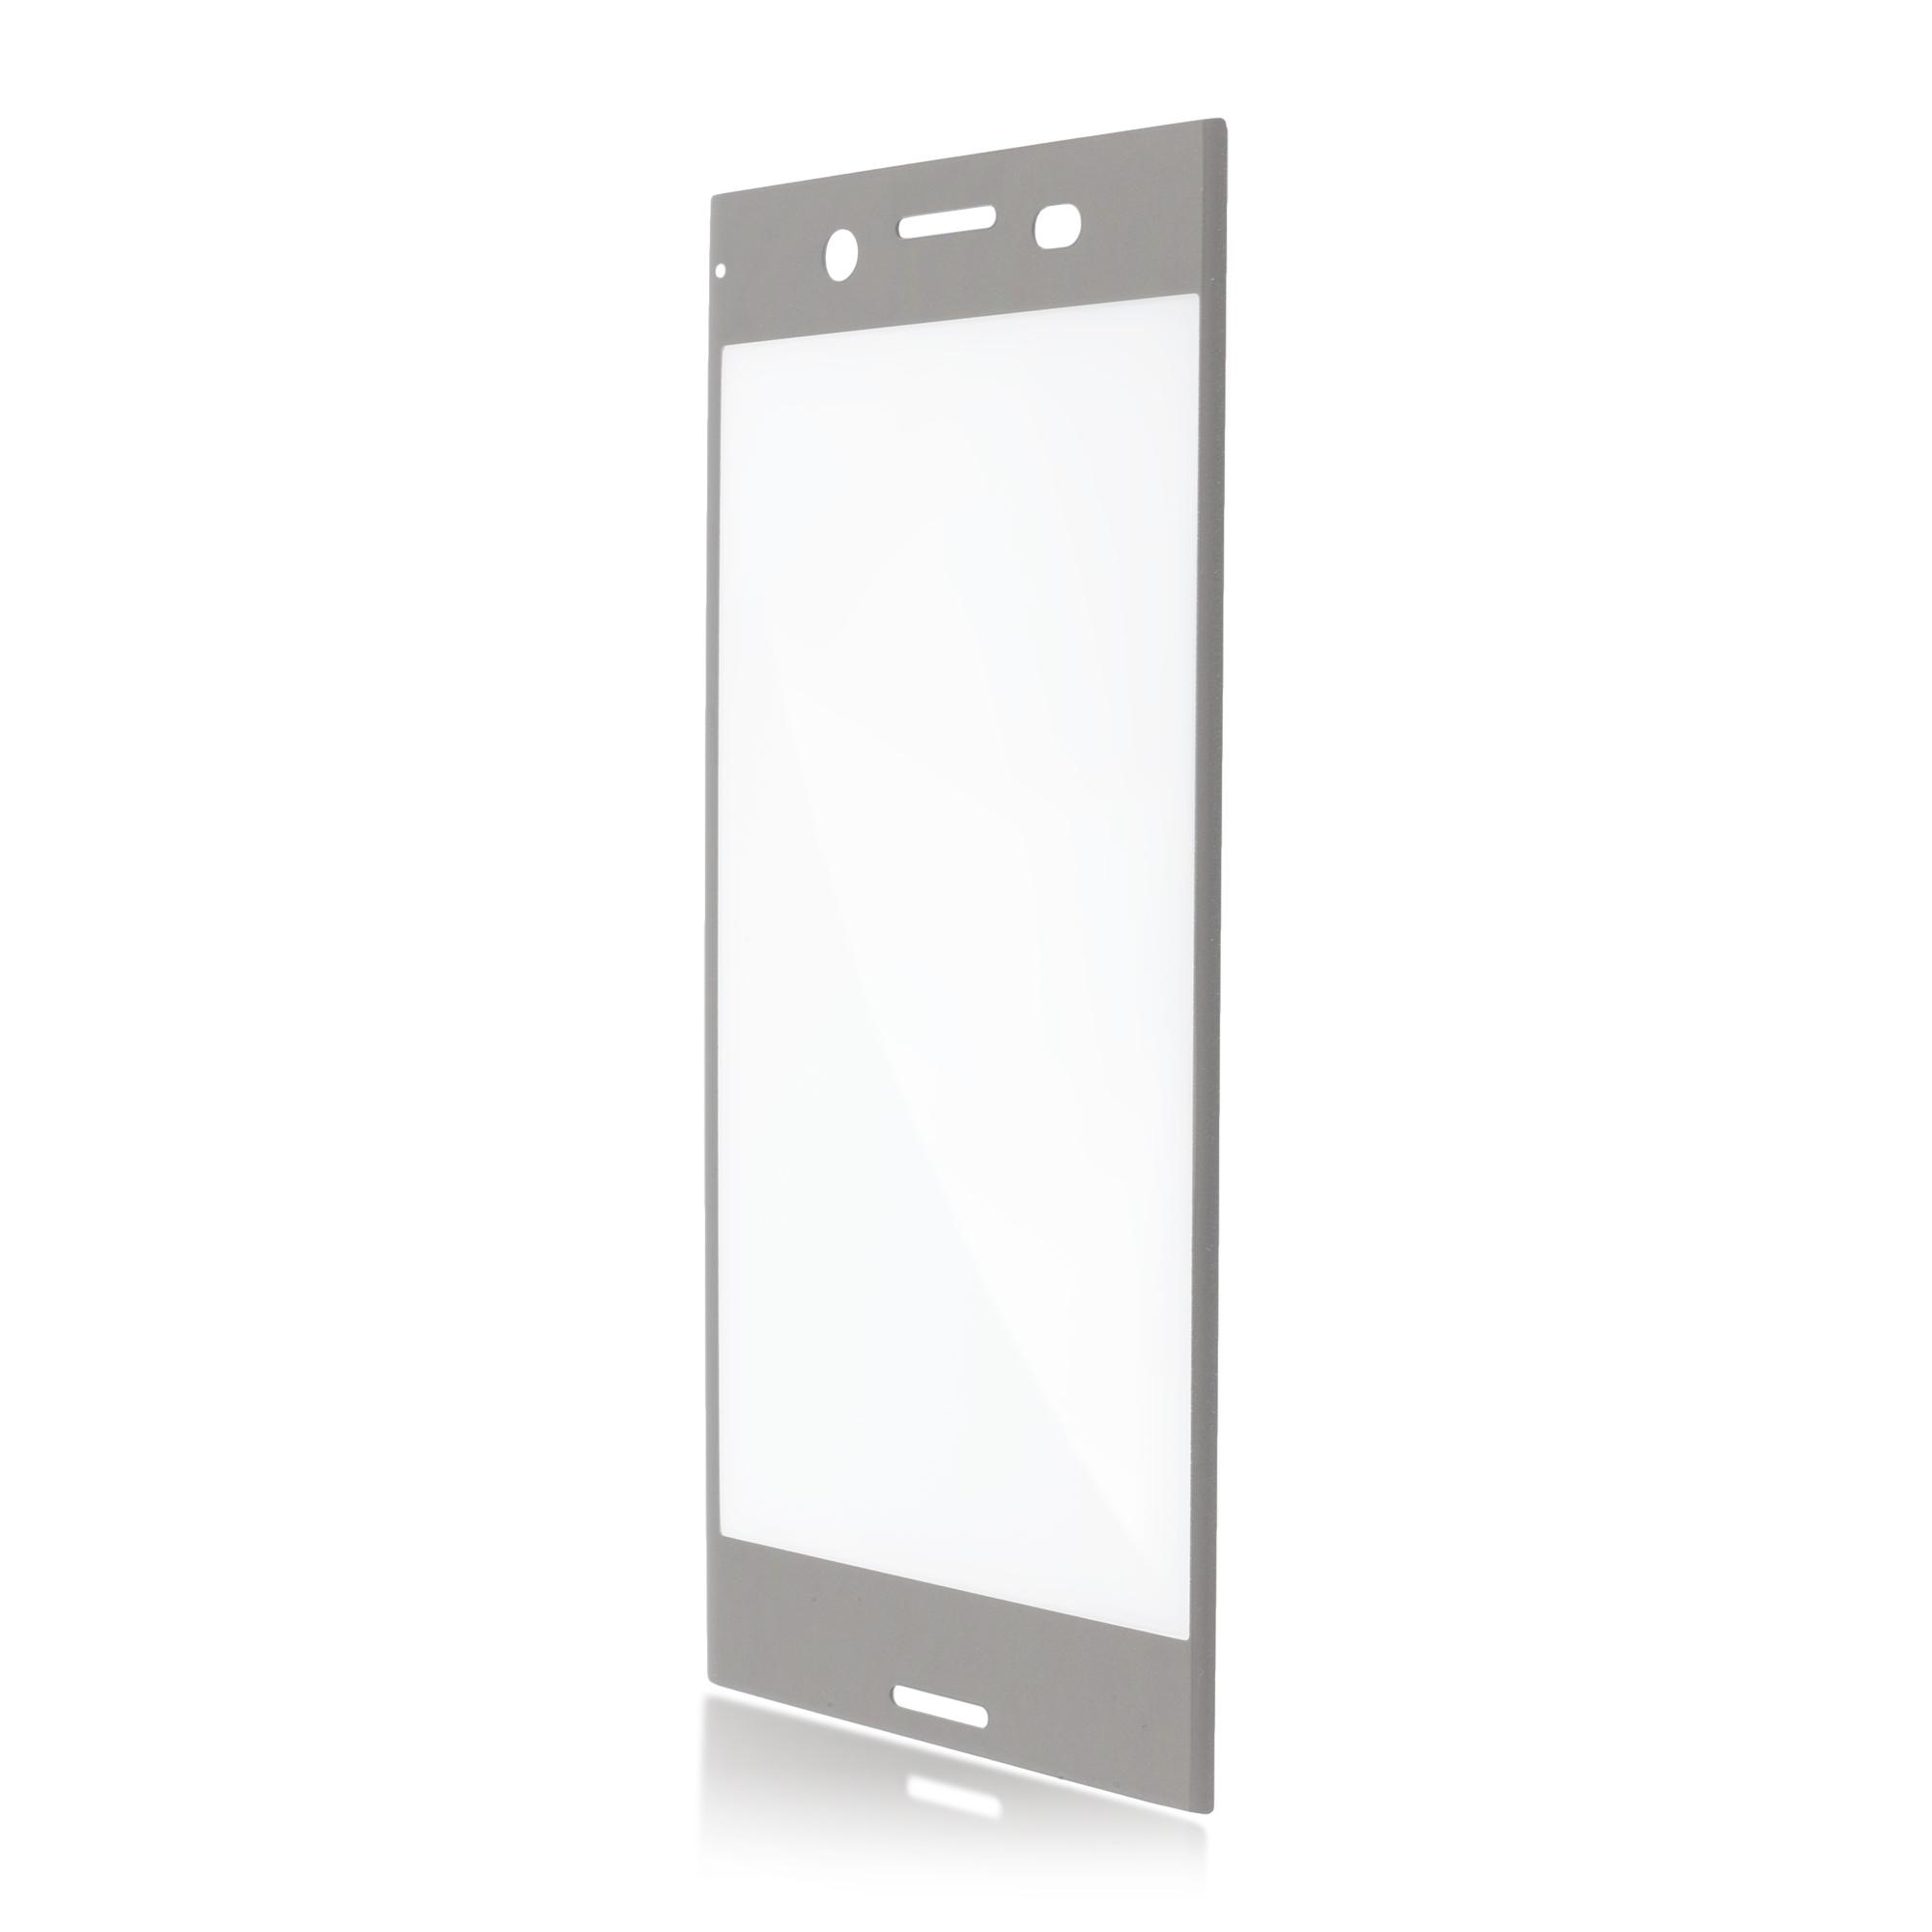 Полноэкранное защитное стекло для смартфона XZ Premium серебристого цвета